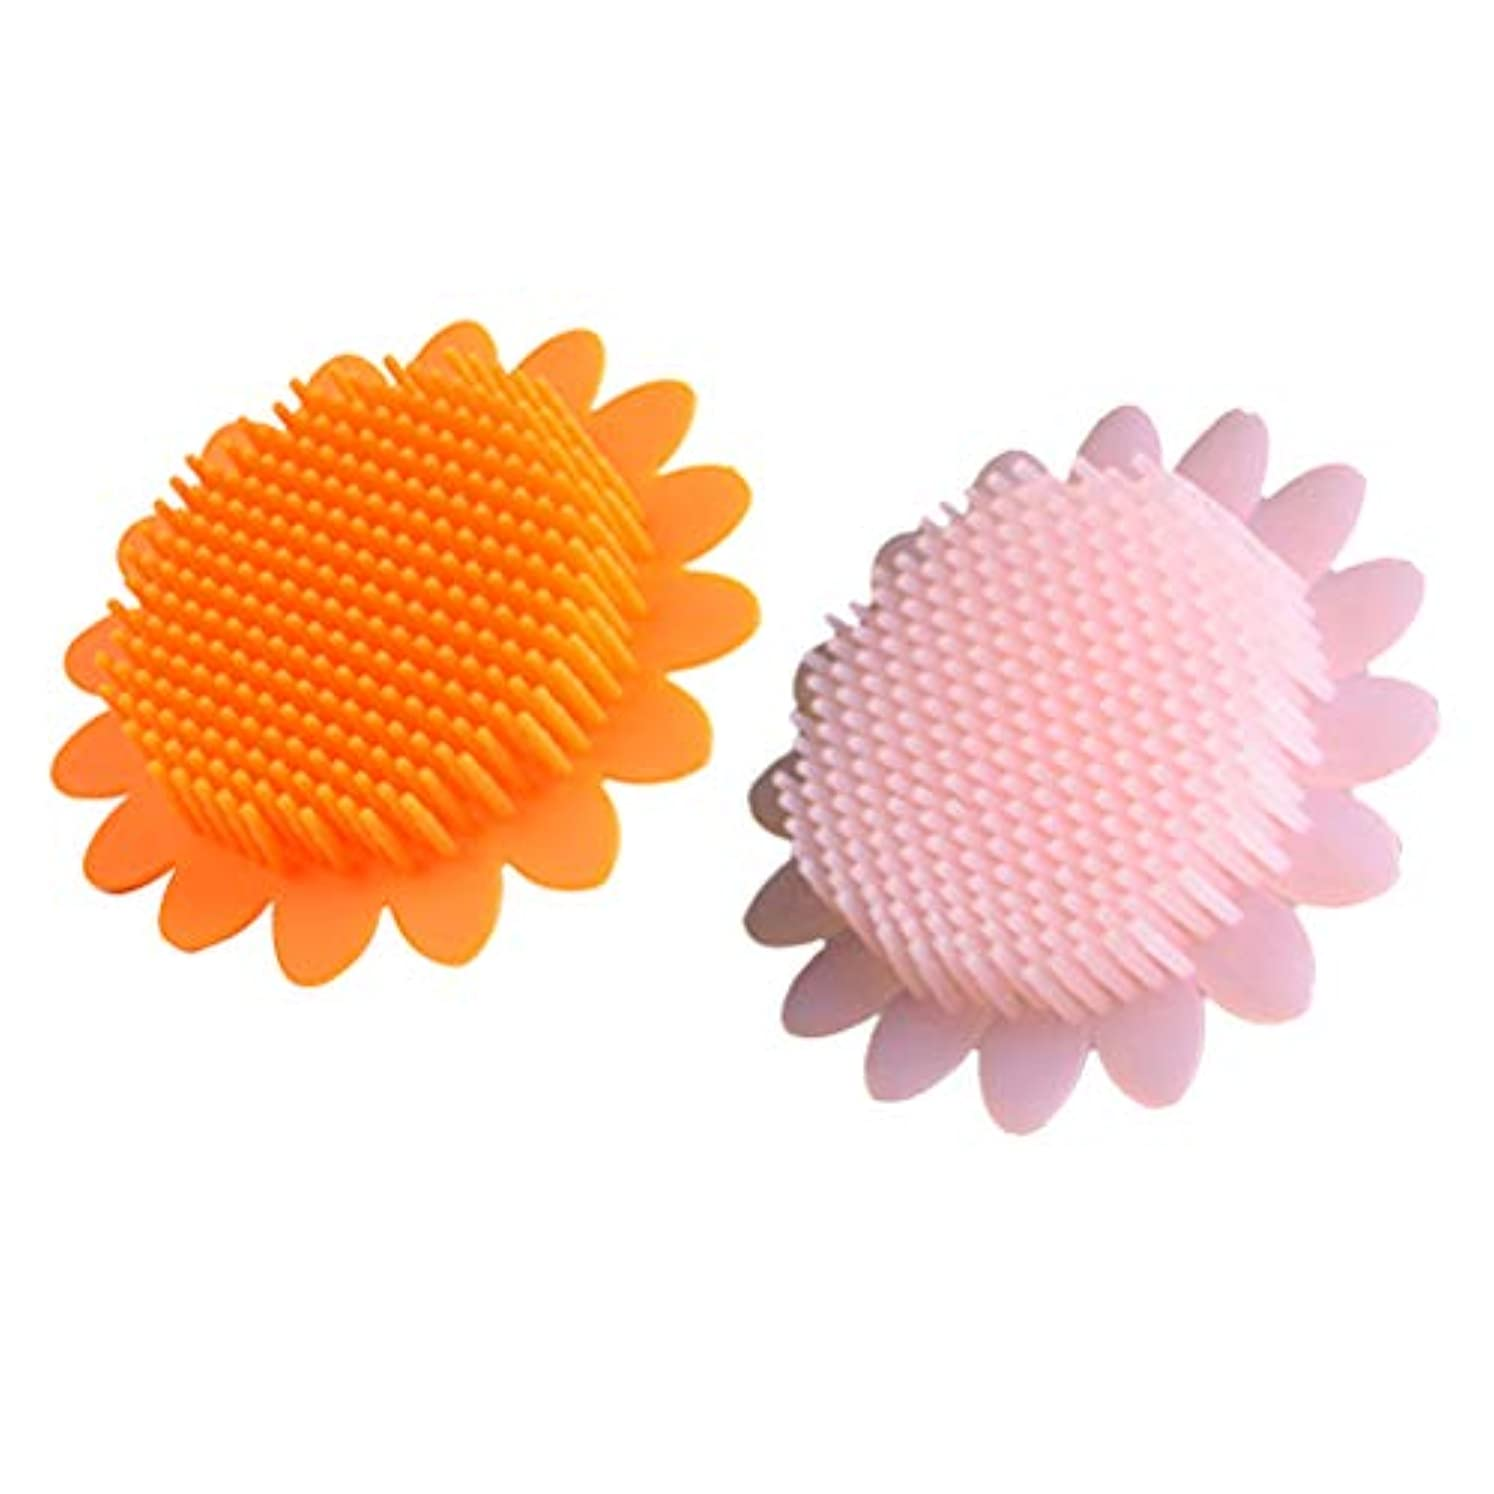 偽善者便利さ測るBeaupretty 2本の赤ちゃん風呂ブラシシリコーンボディブラシ頭皮マッサージブラシ赤ちゃんのためのシャンプーブラシ(オレンジ+ピンク)